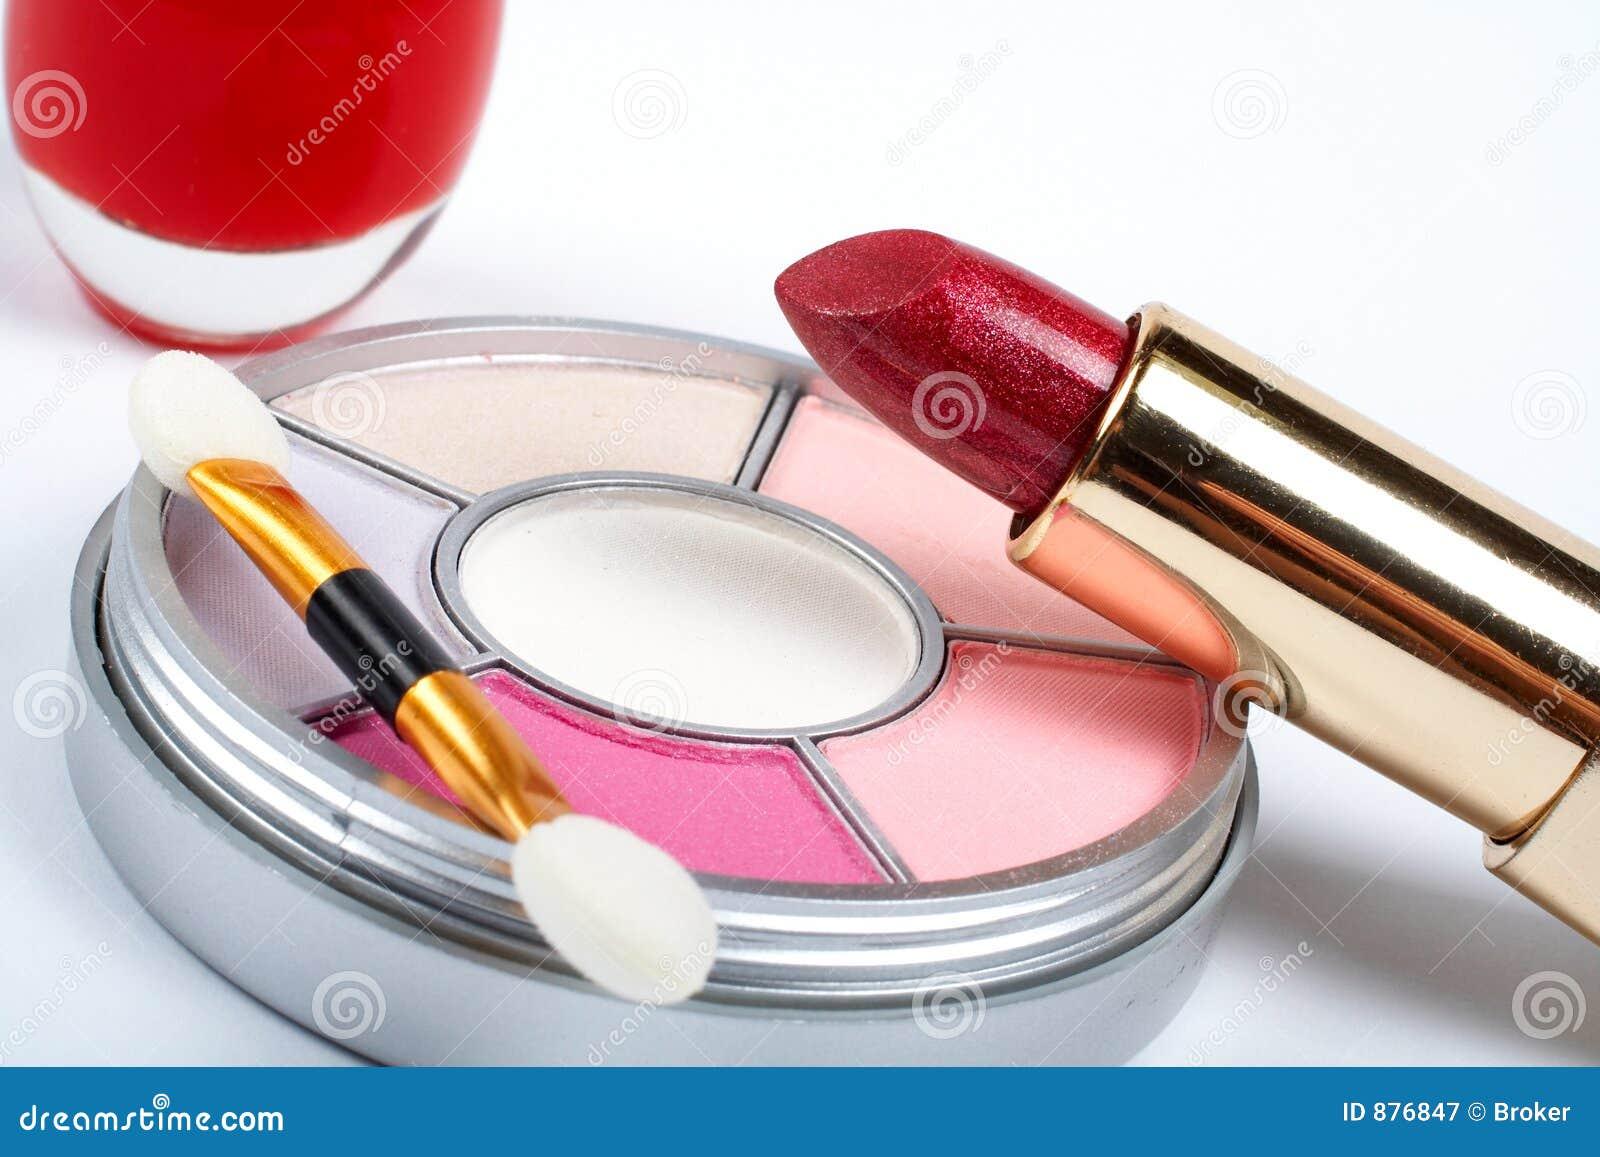 Należy zwrócić szczególną makeups asortymentu